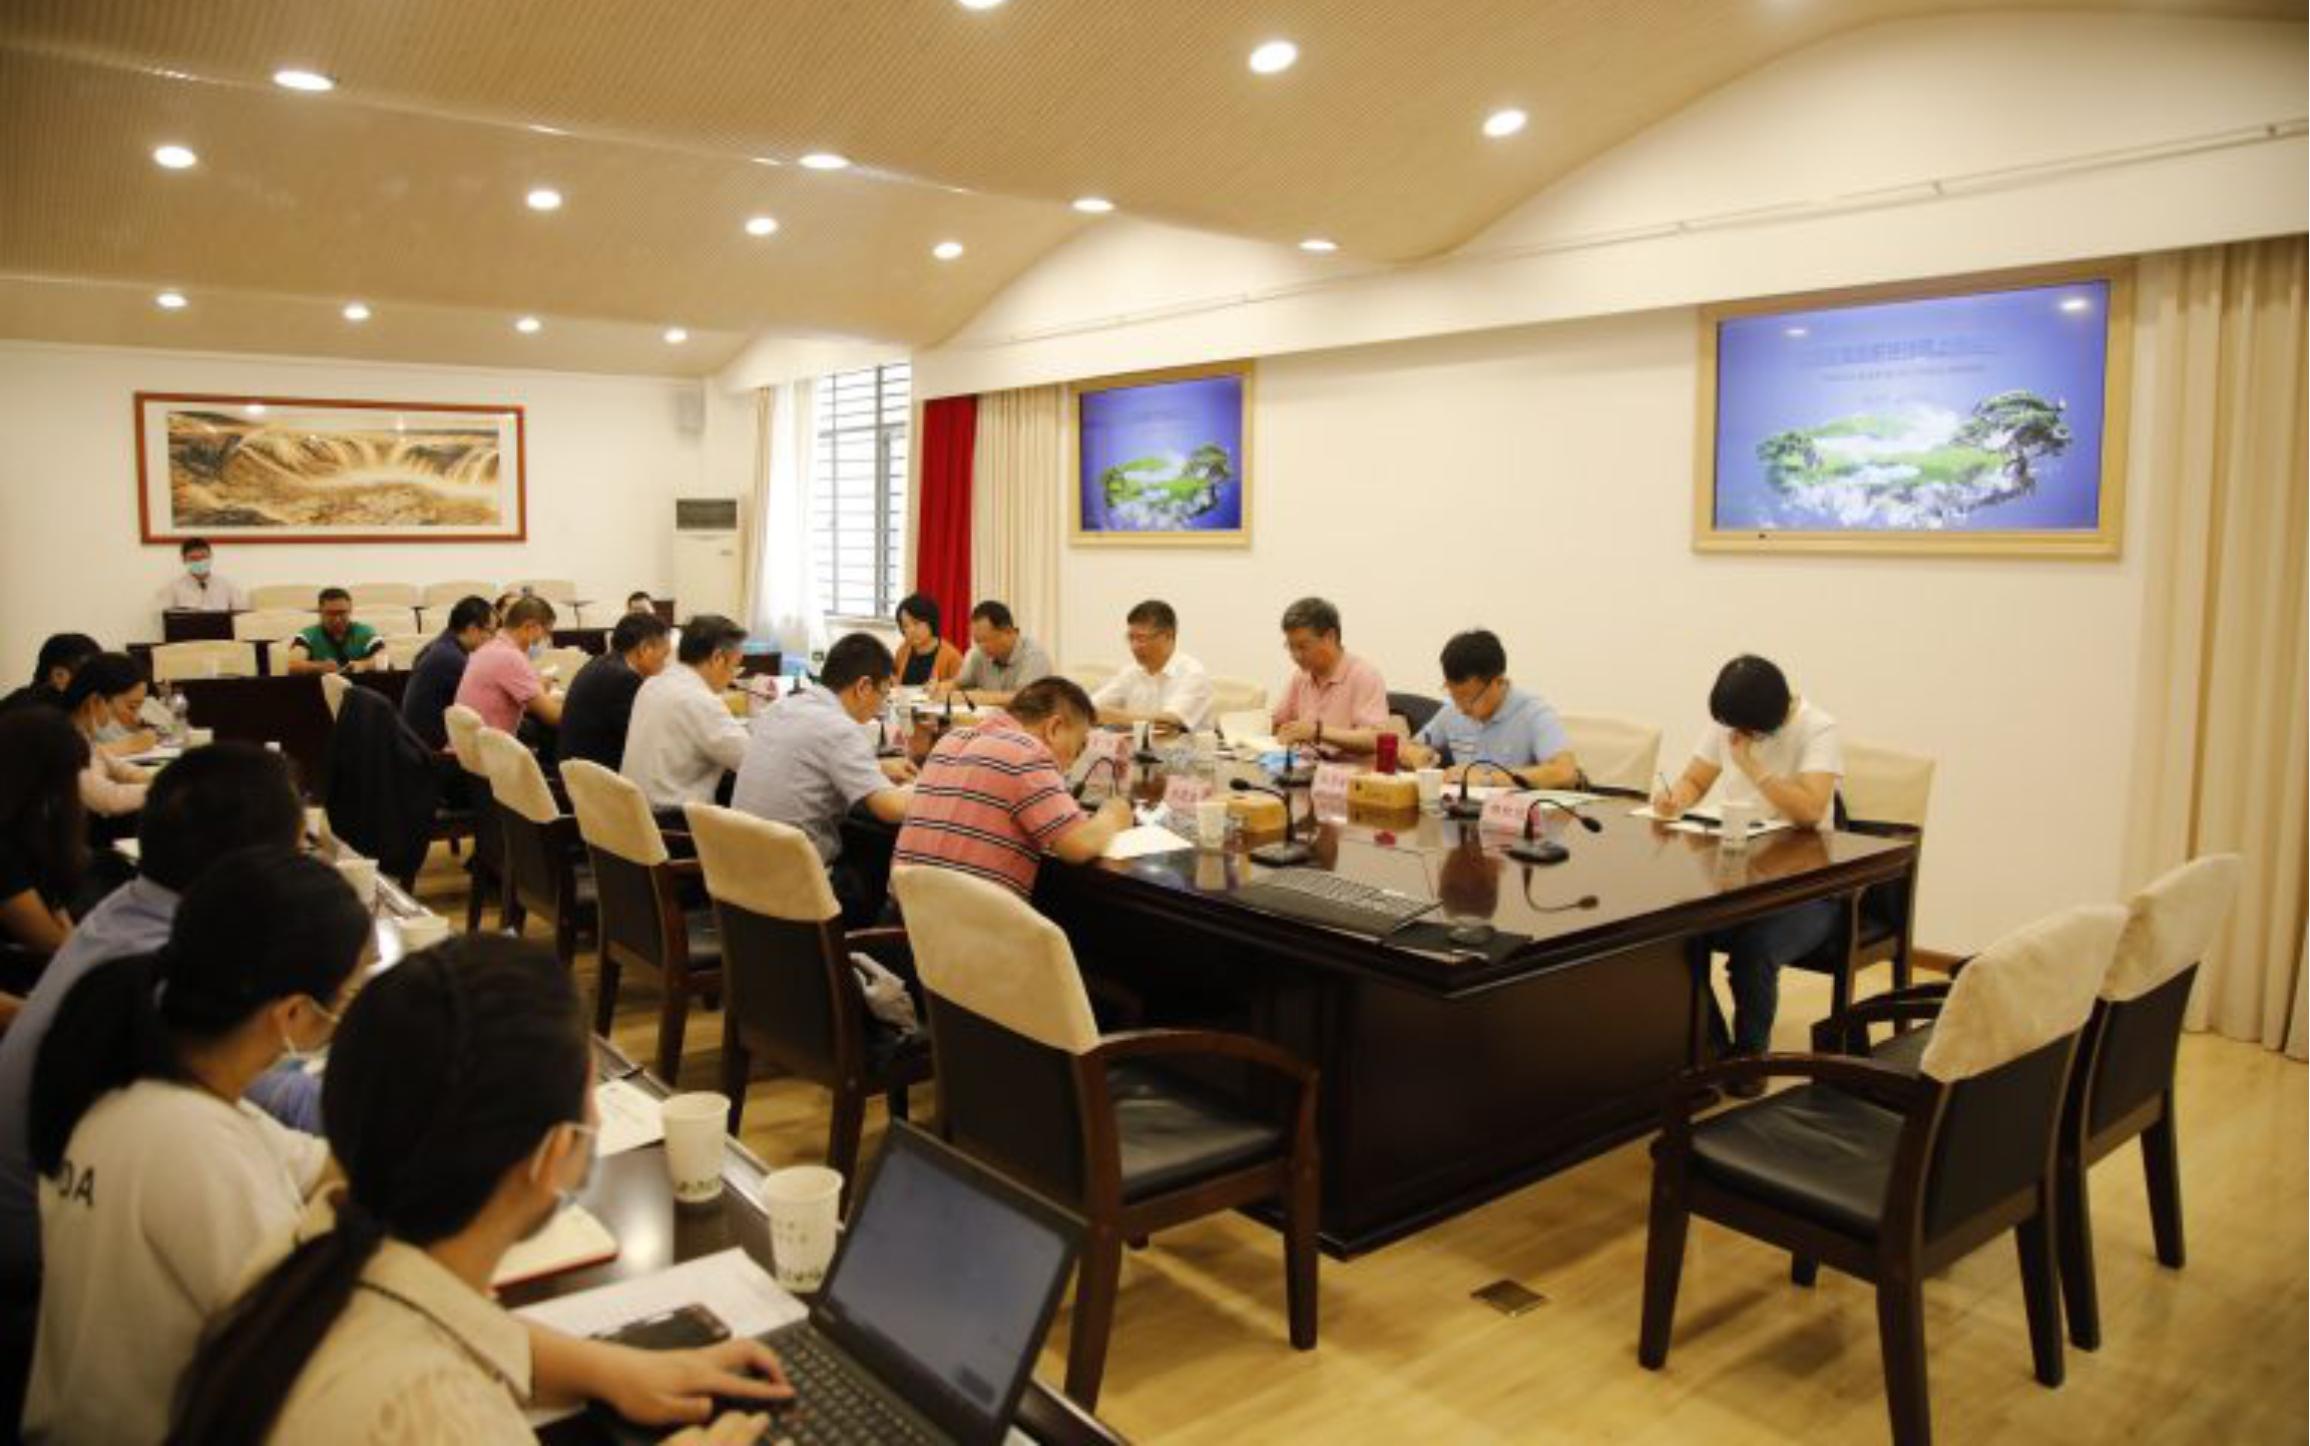 云南省生态环境厅到校调研座谈